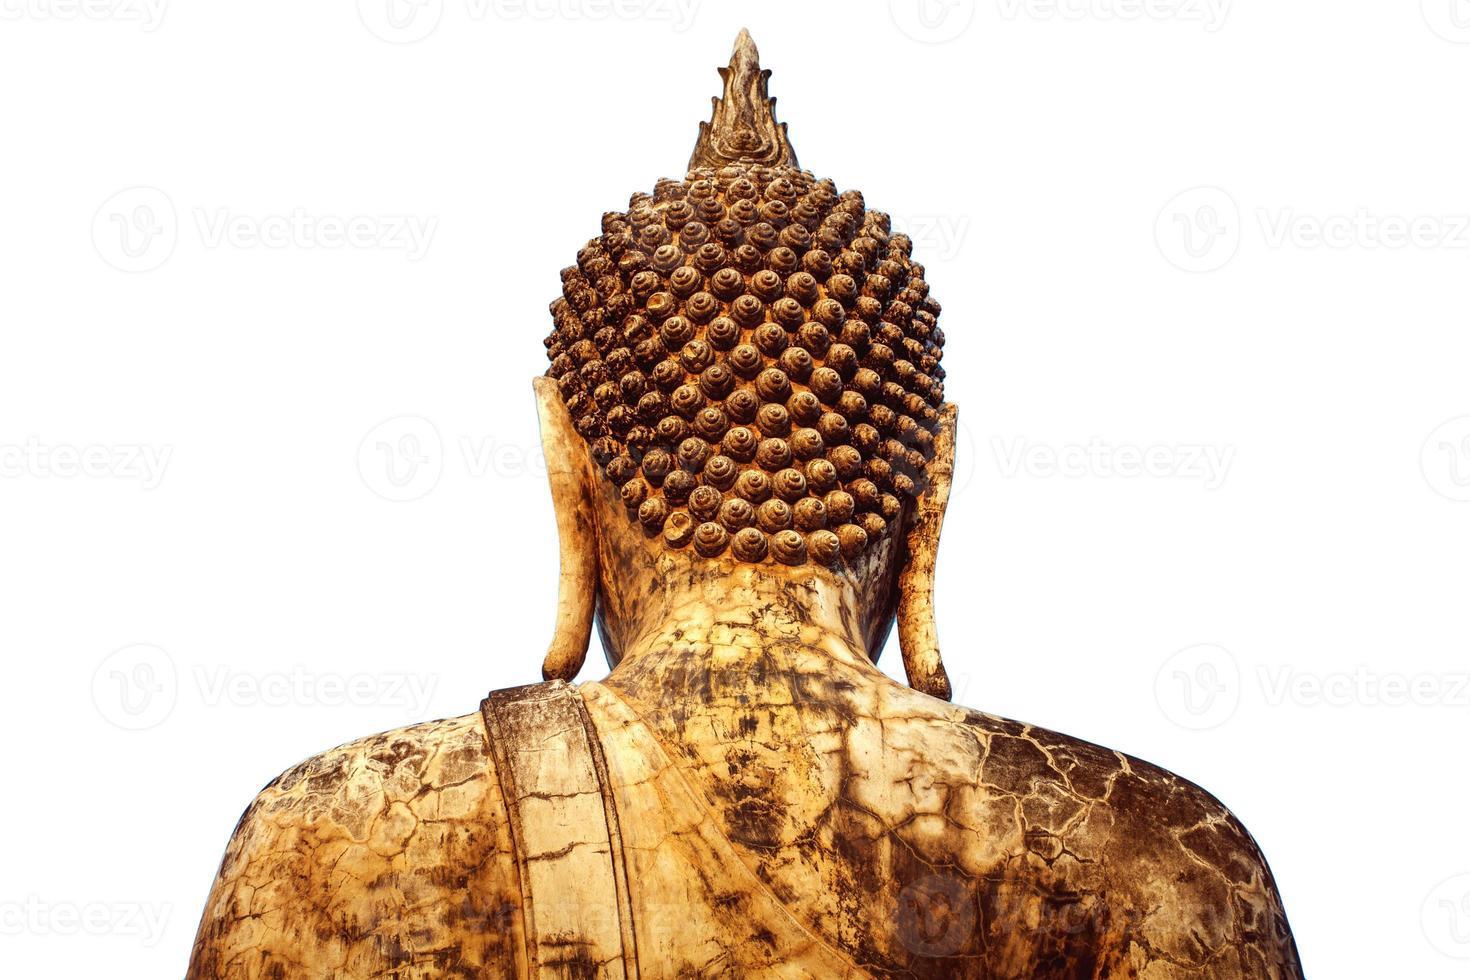 verso do grande Buda no antigo templo na Tailândia foto